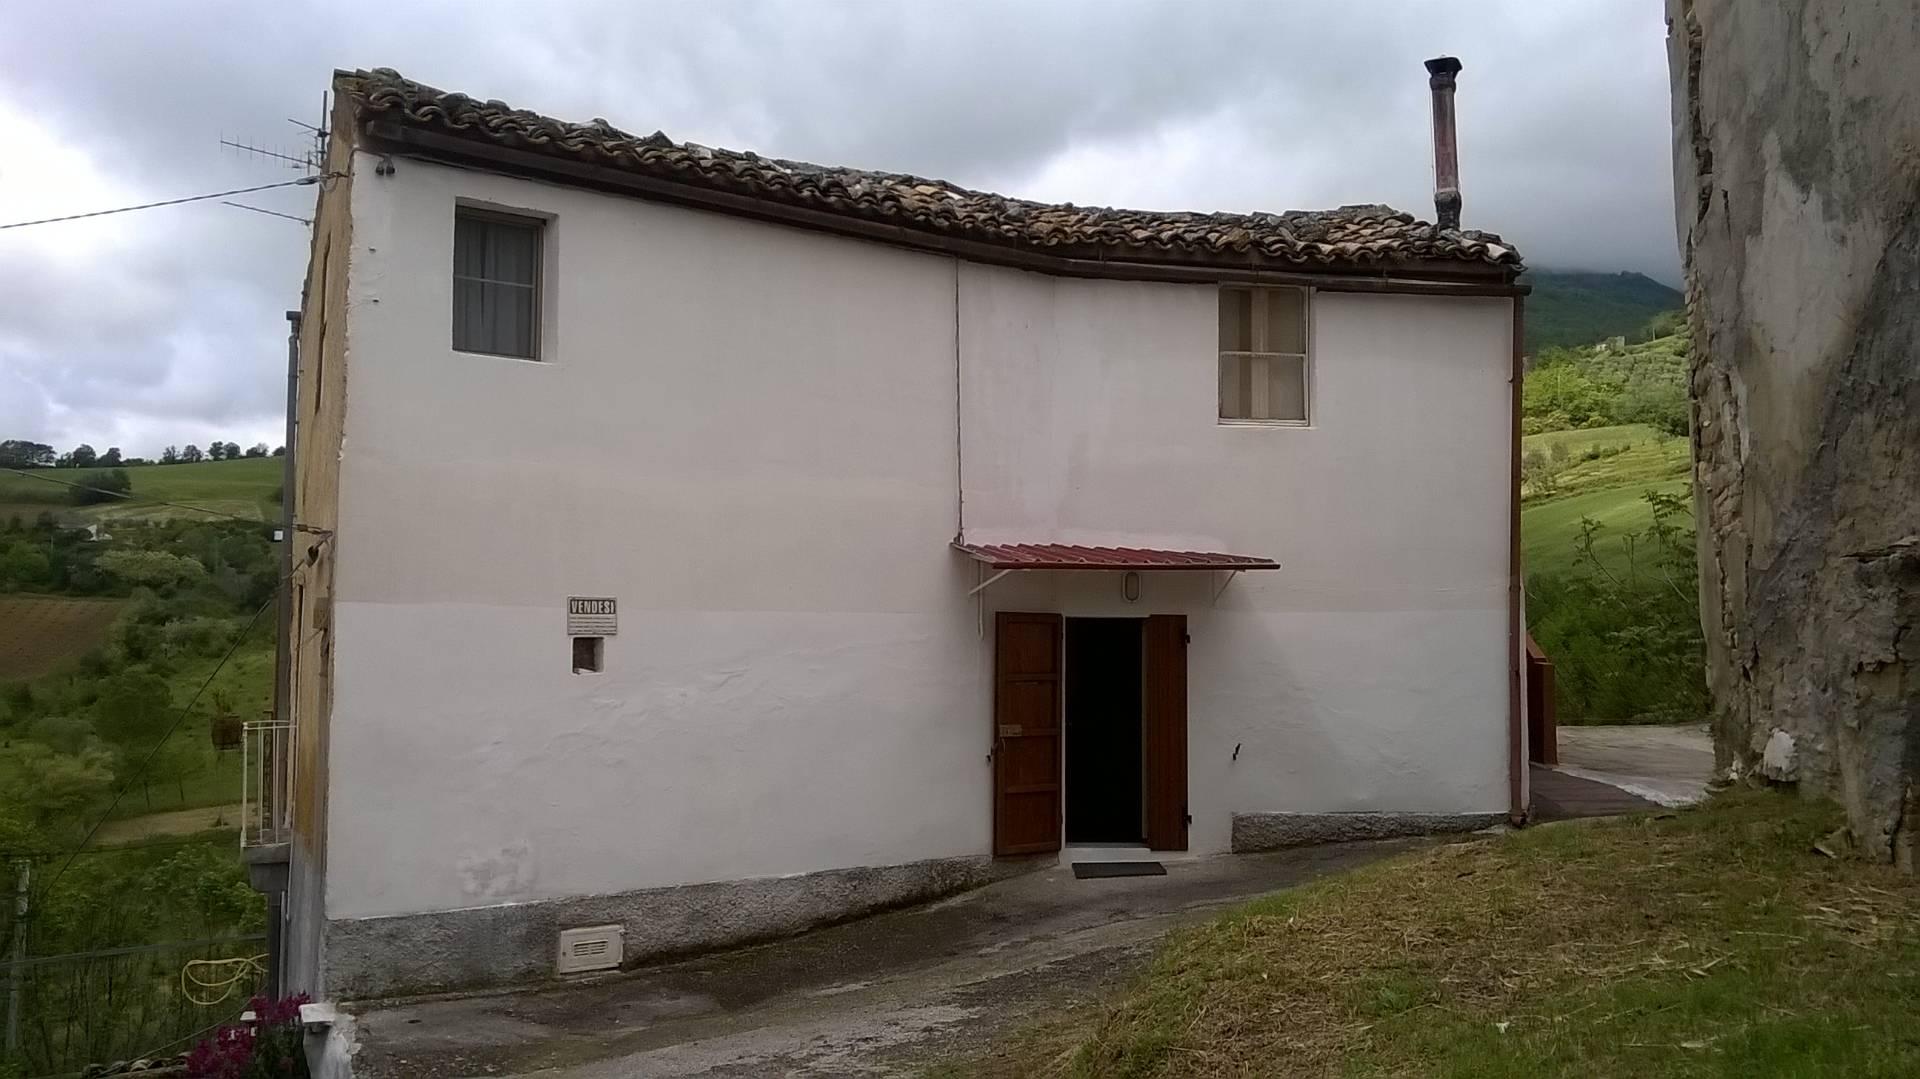 Soluzione Indipendente in vendita a Teramo, 4 locali, zona Località: Estremaperiferia, prezzo € 39.000 | Cambio Casa.it